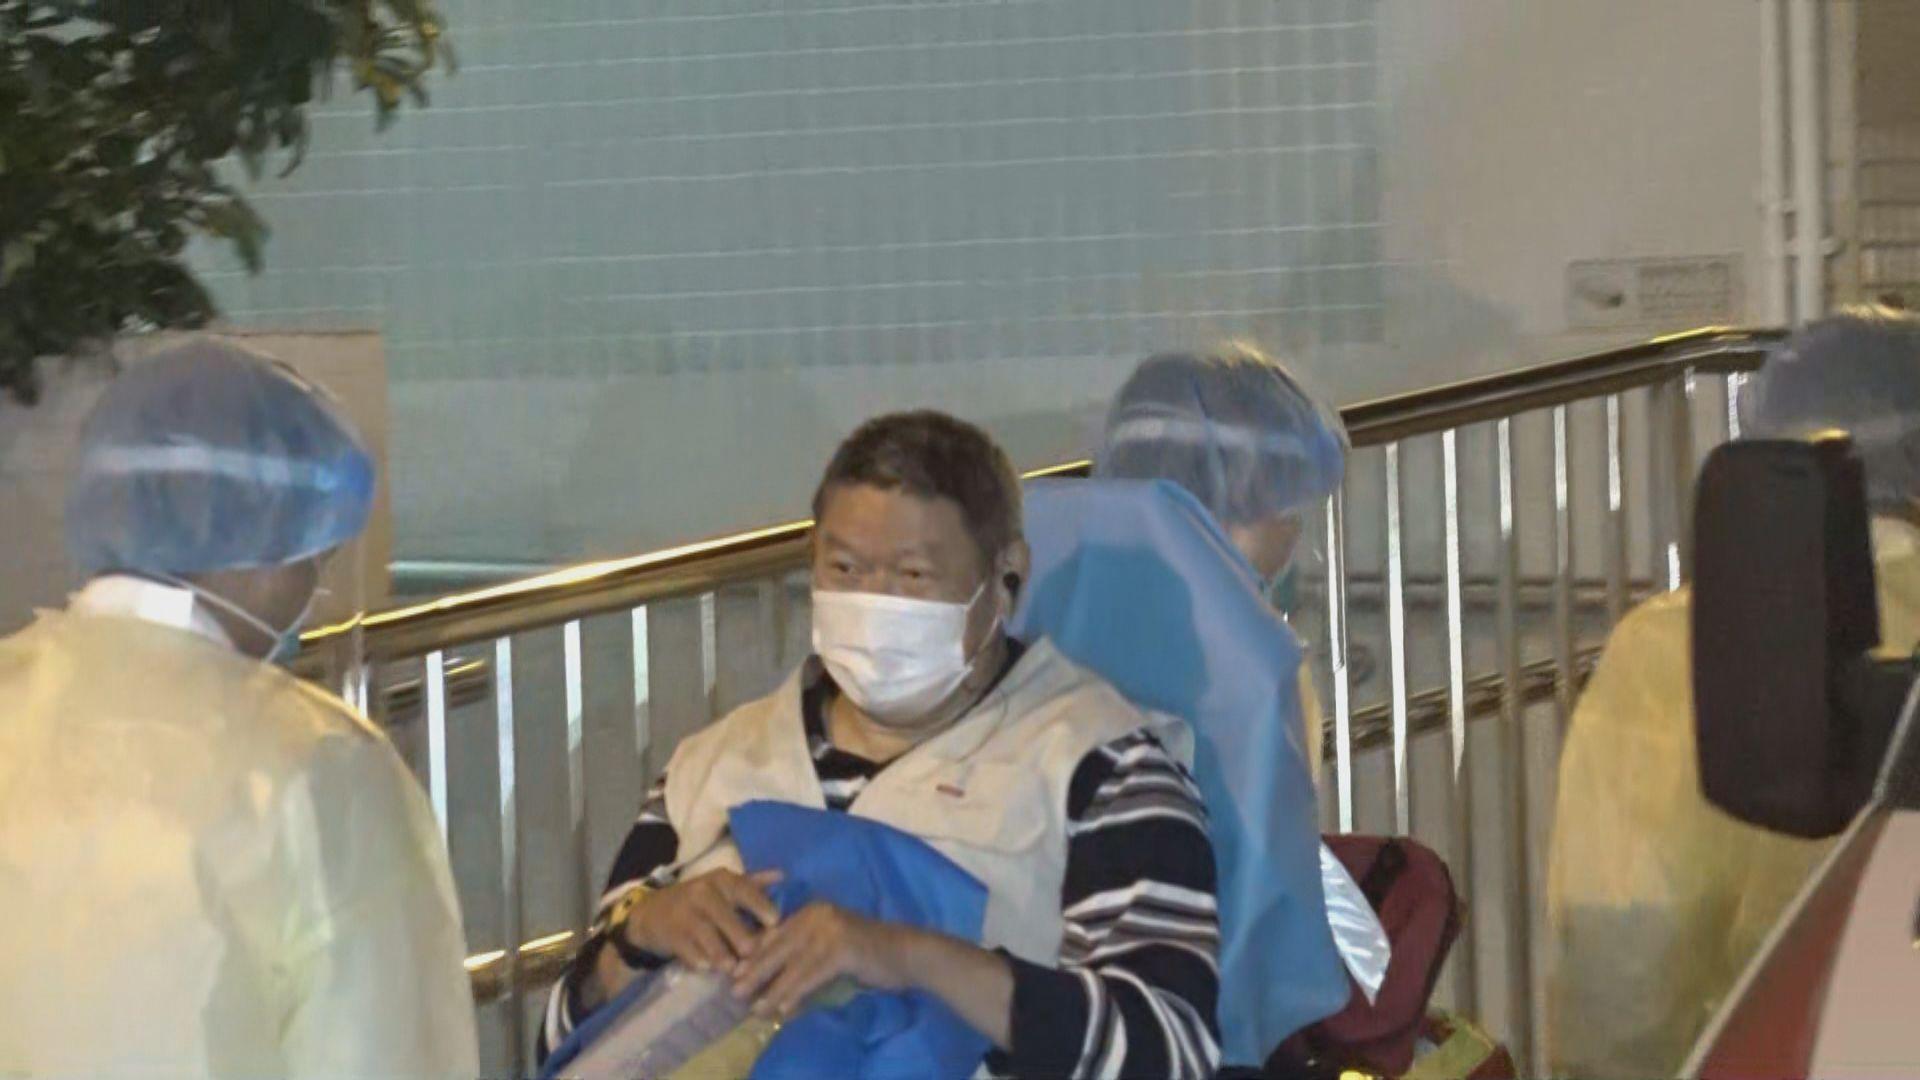 觀塘殘疾人士院舍員工初步確診 院友及員工陸續檢疫